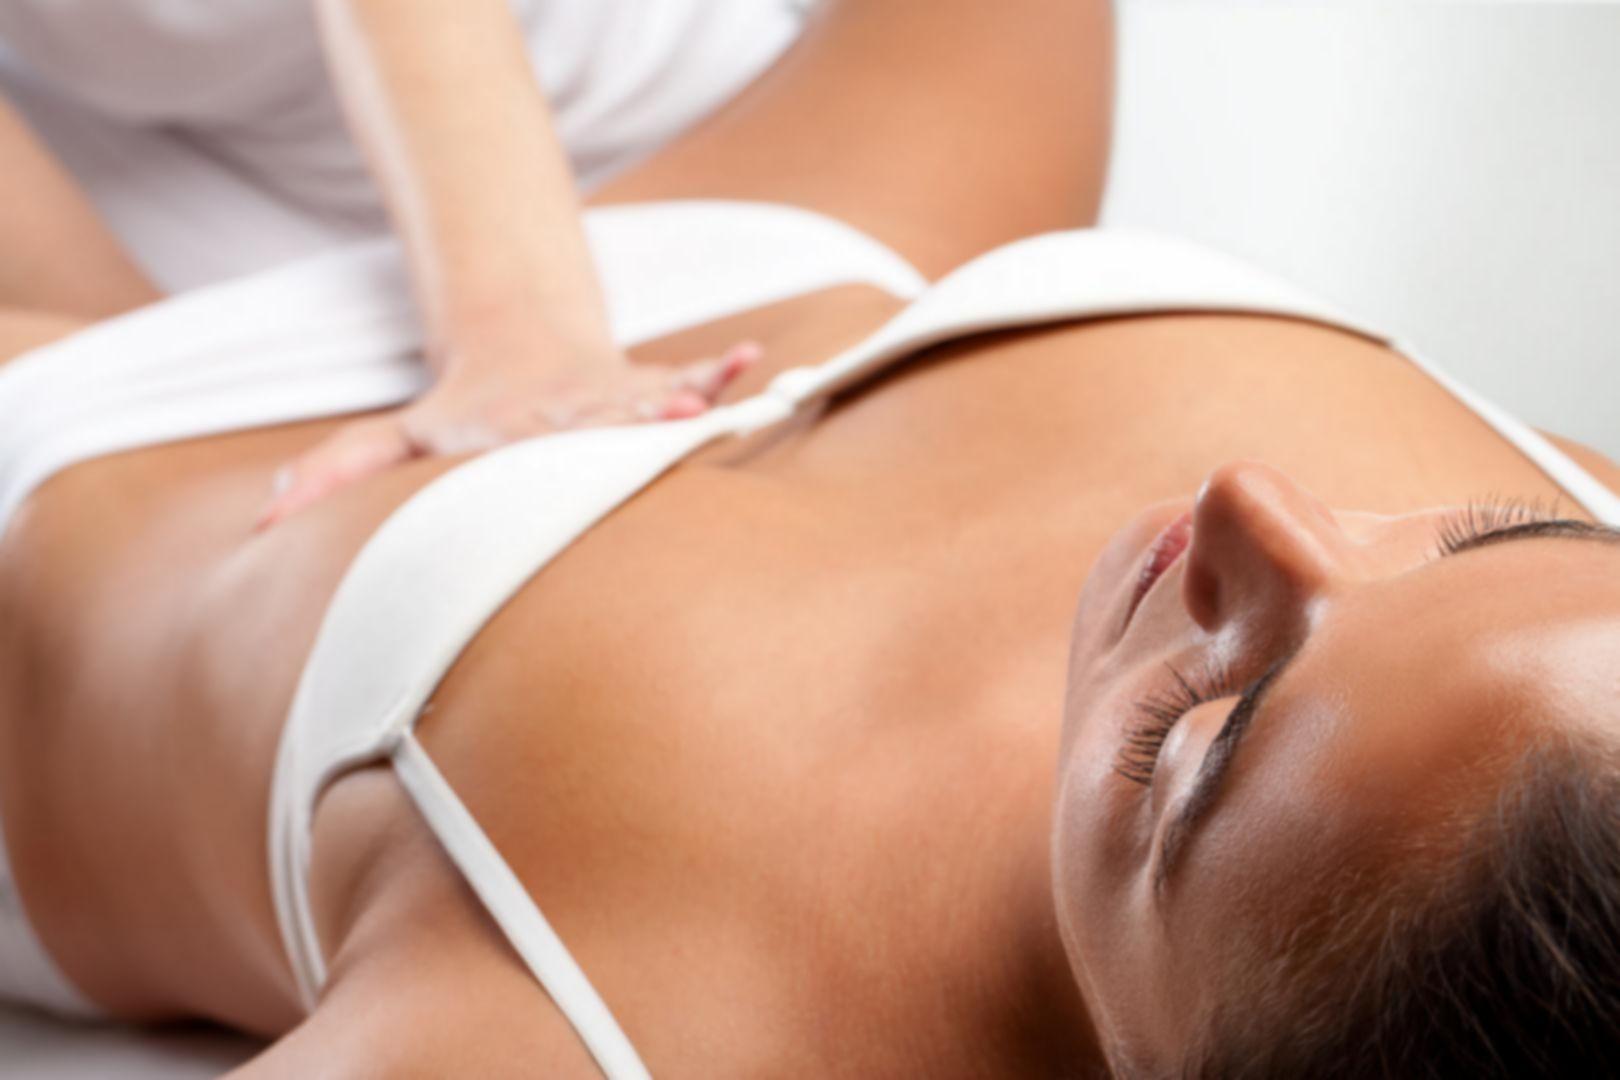 Abordaje manual en fisioterapia ginecológica - Alicante